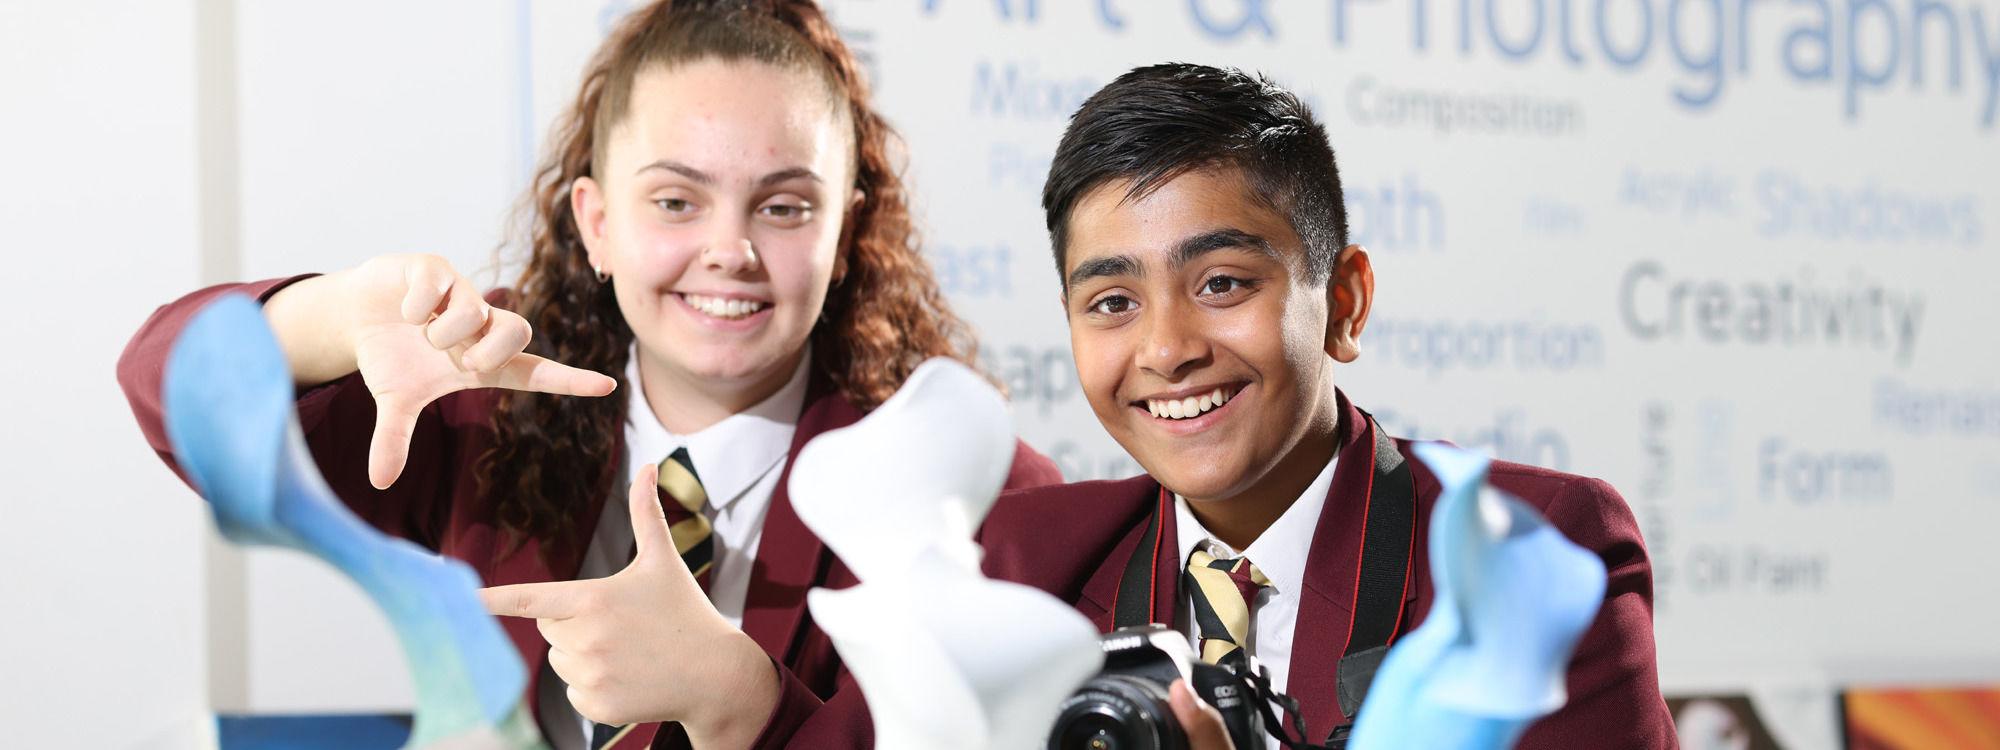 Hertswood academy image 2